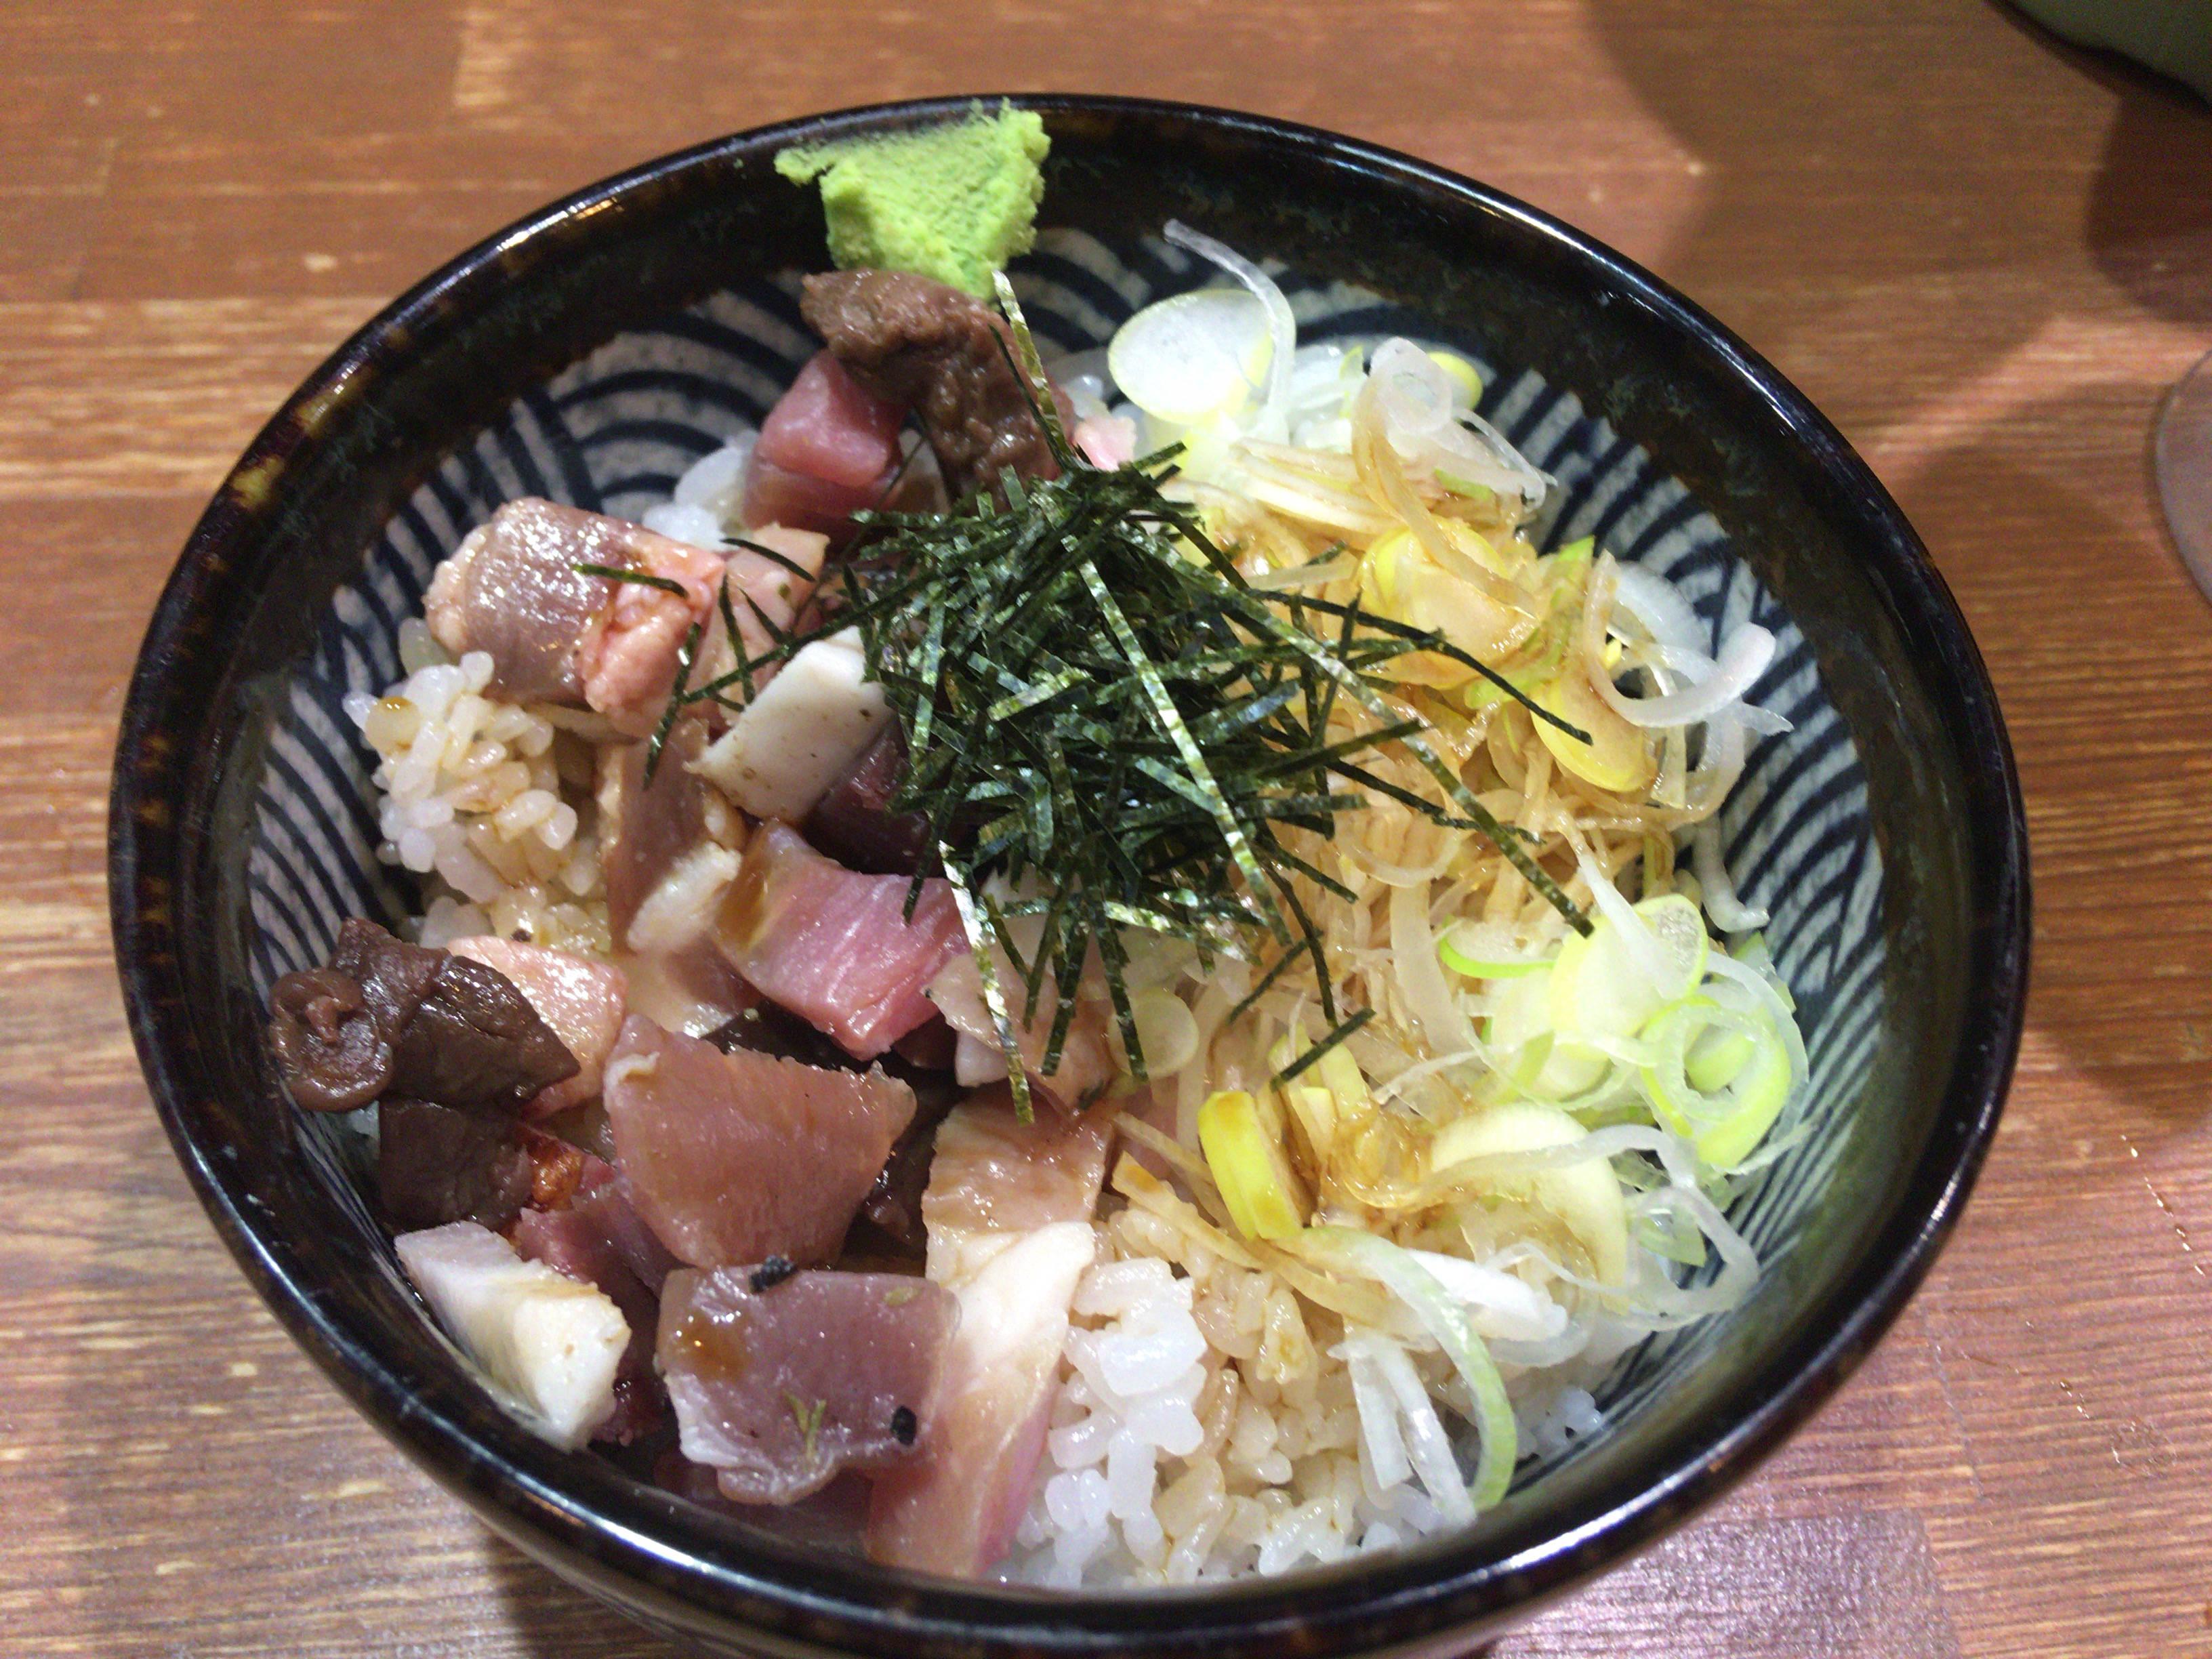 竹末東京プレミアムの肉玉丼(玉子抜き)